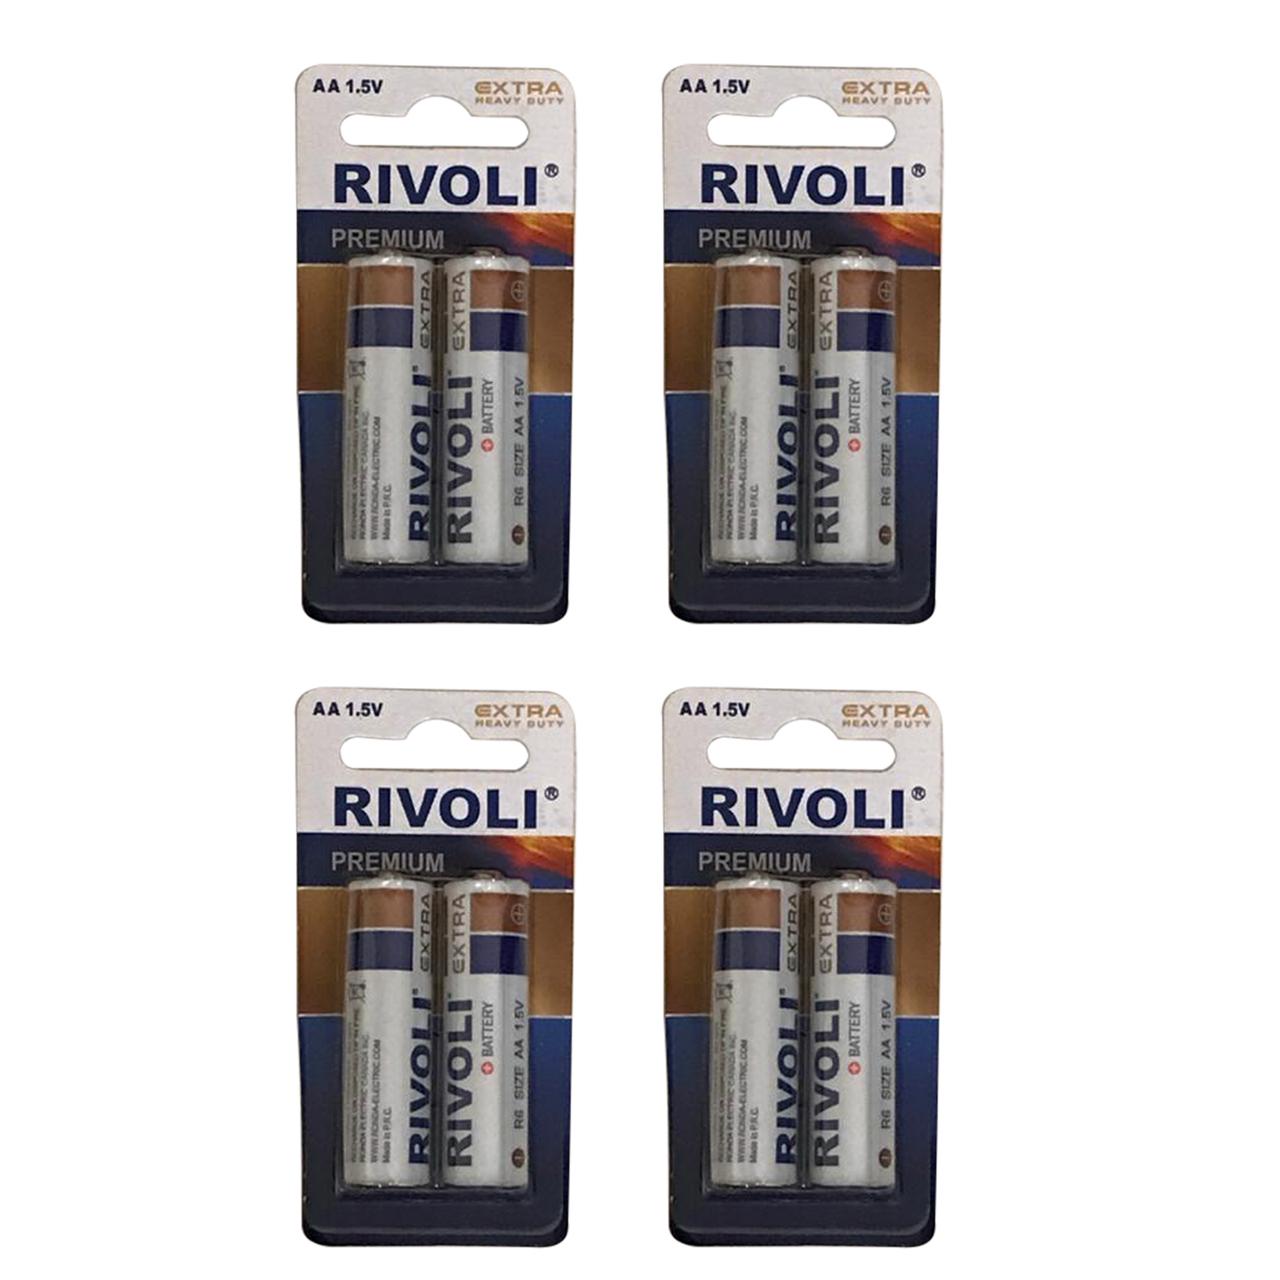 بررسی و {خرید با تخفیف} باتری قلمی ریوولی مدل R6 بسته 8 عددی اصل